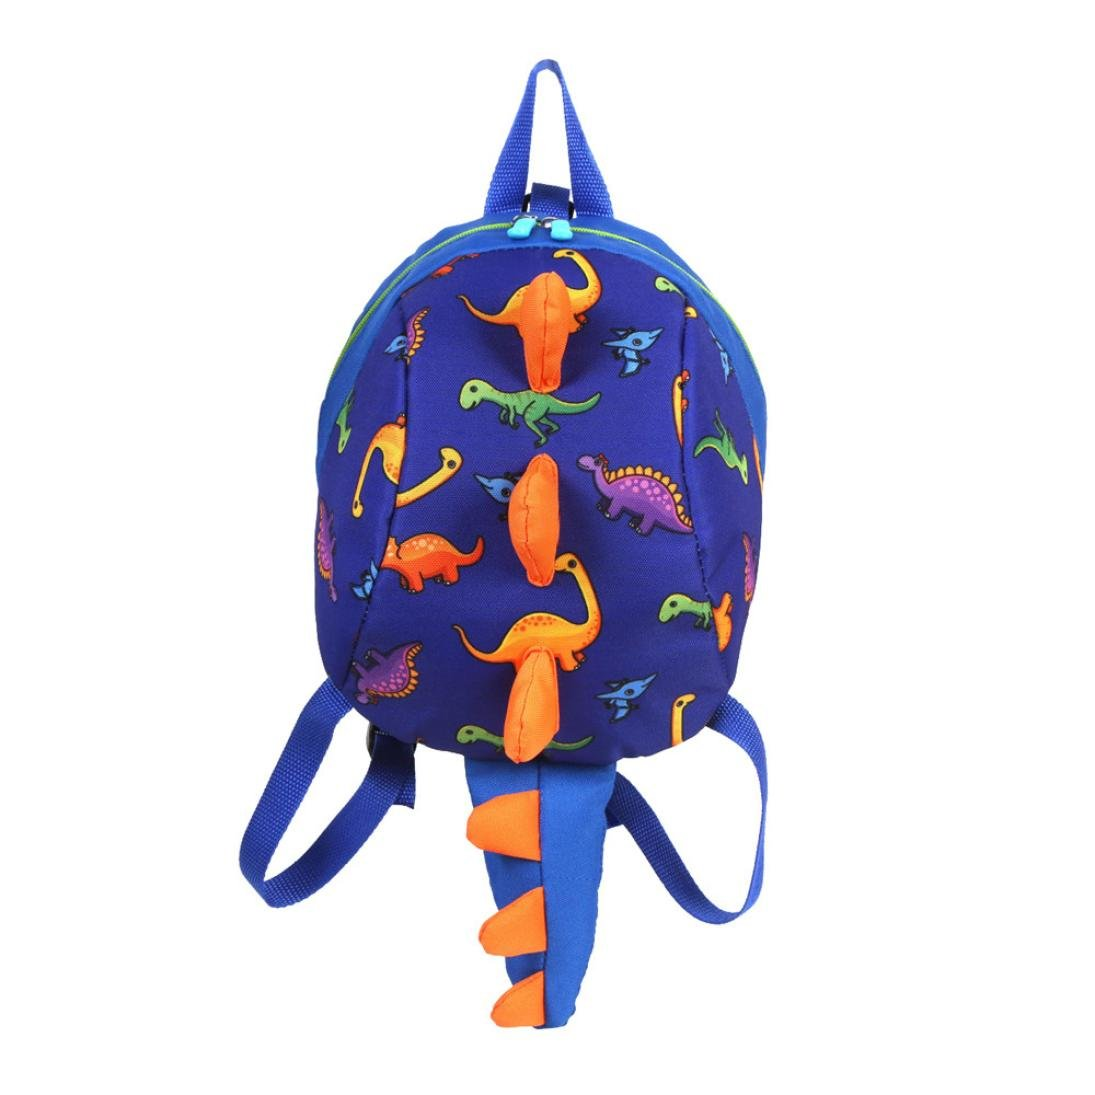 Fossrn Mochila Escolares para Niños Niña 3D Dinosaurio Animal Mochilas Colegio Bolso para Guardería Primaria del 2 a 6 años Infantiles (Blue): Amazon.es: ...